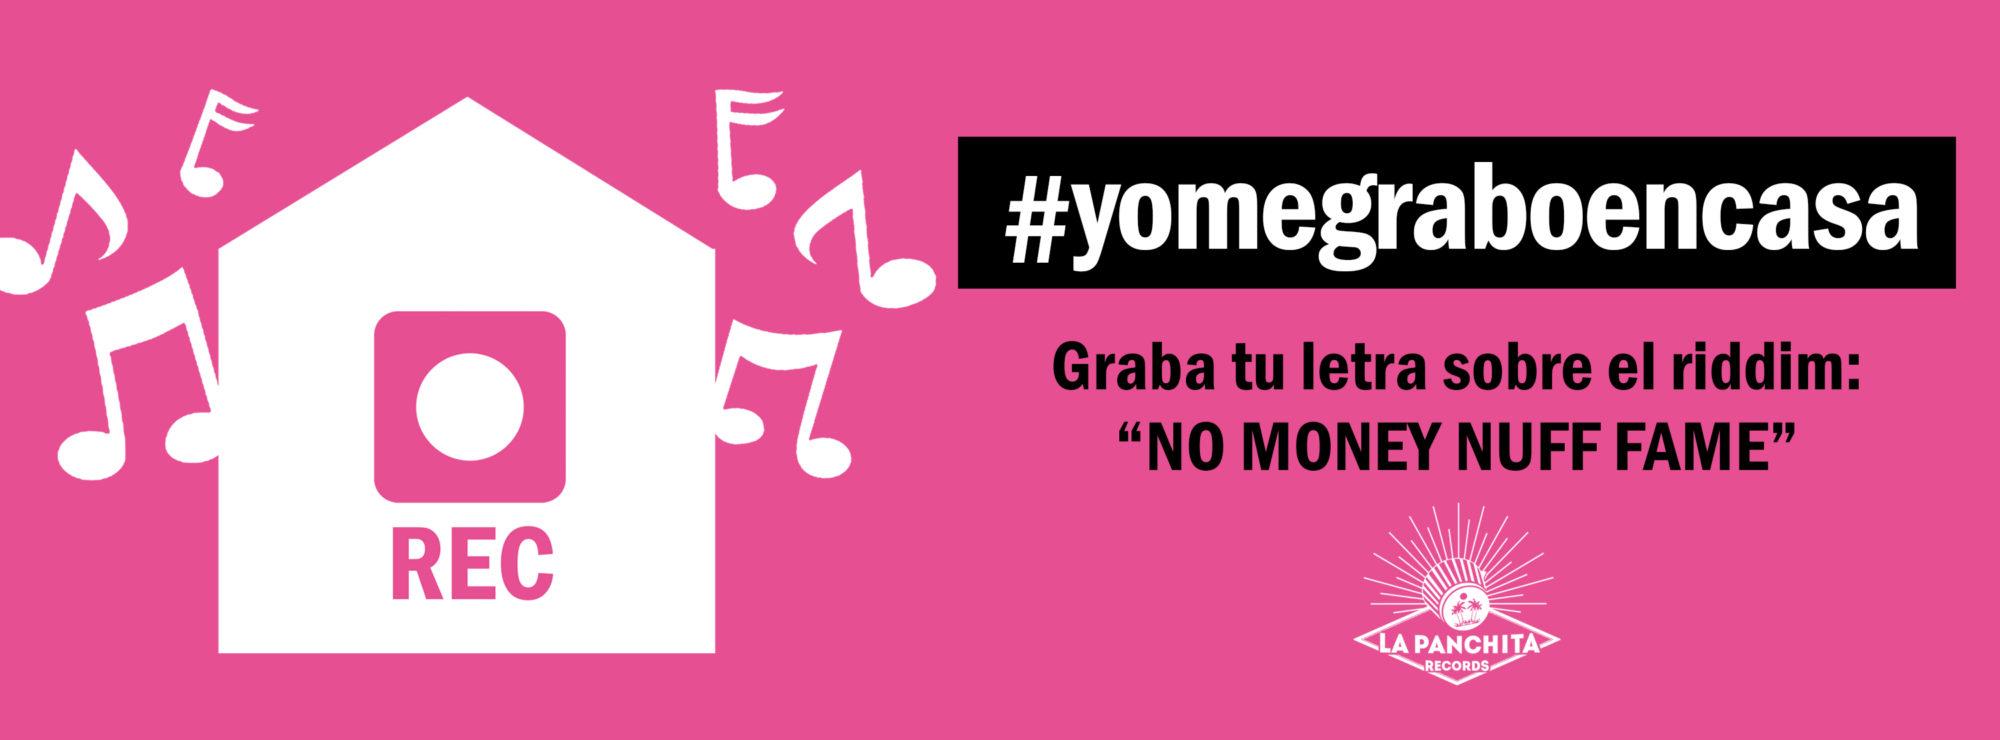 Concurso #yomegraboencasa